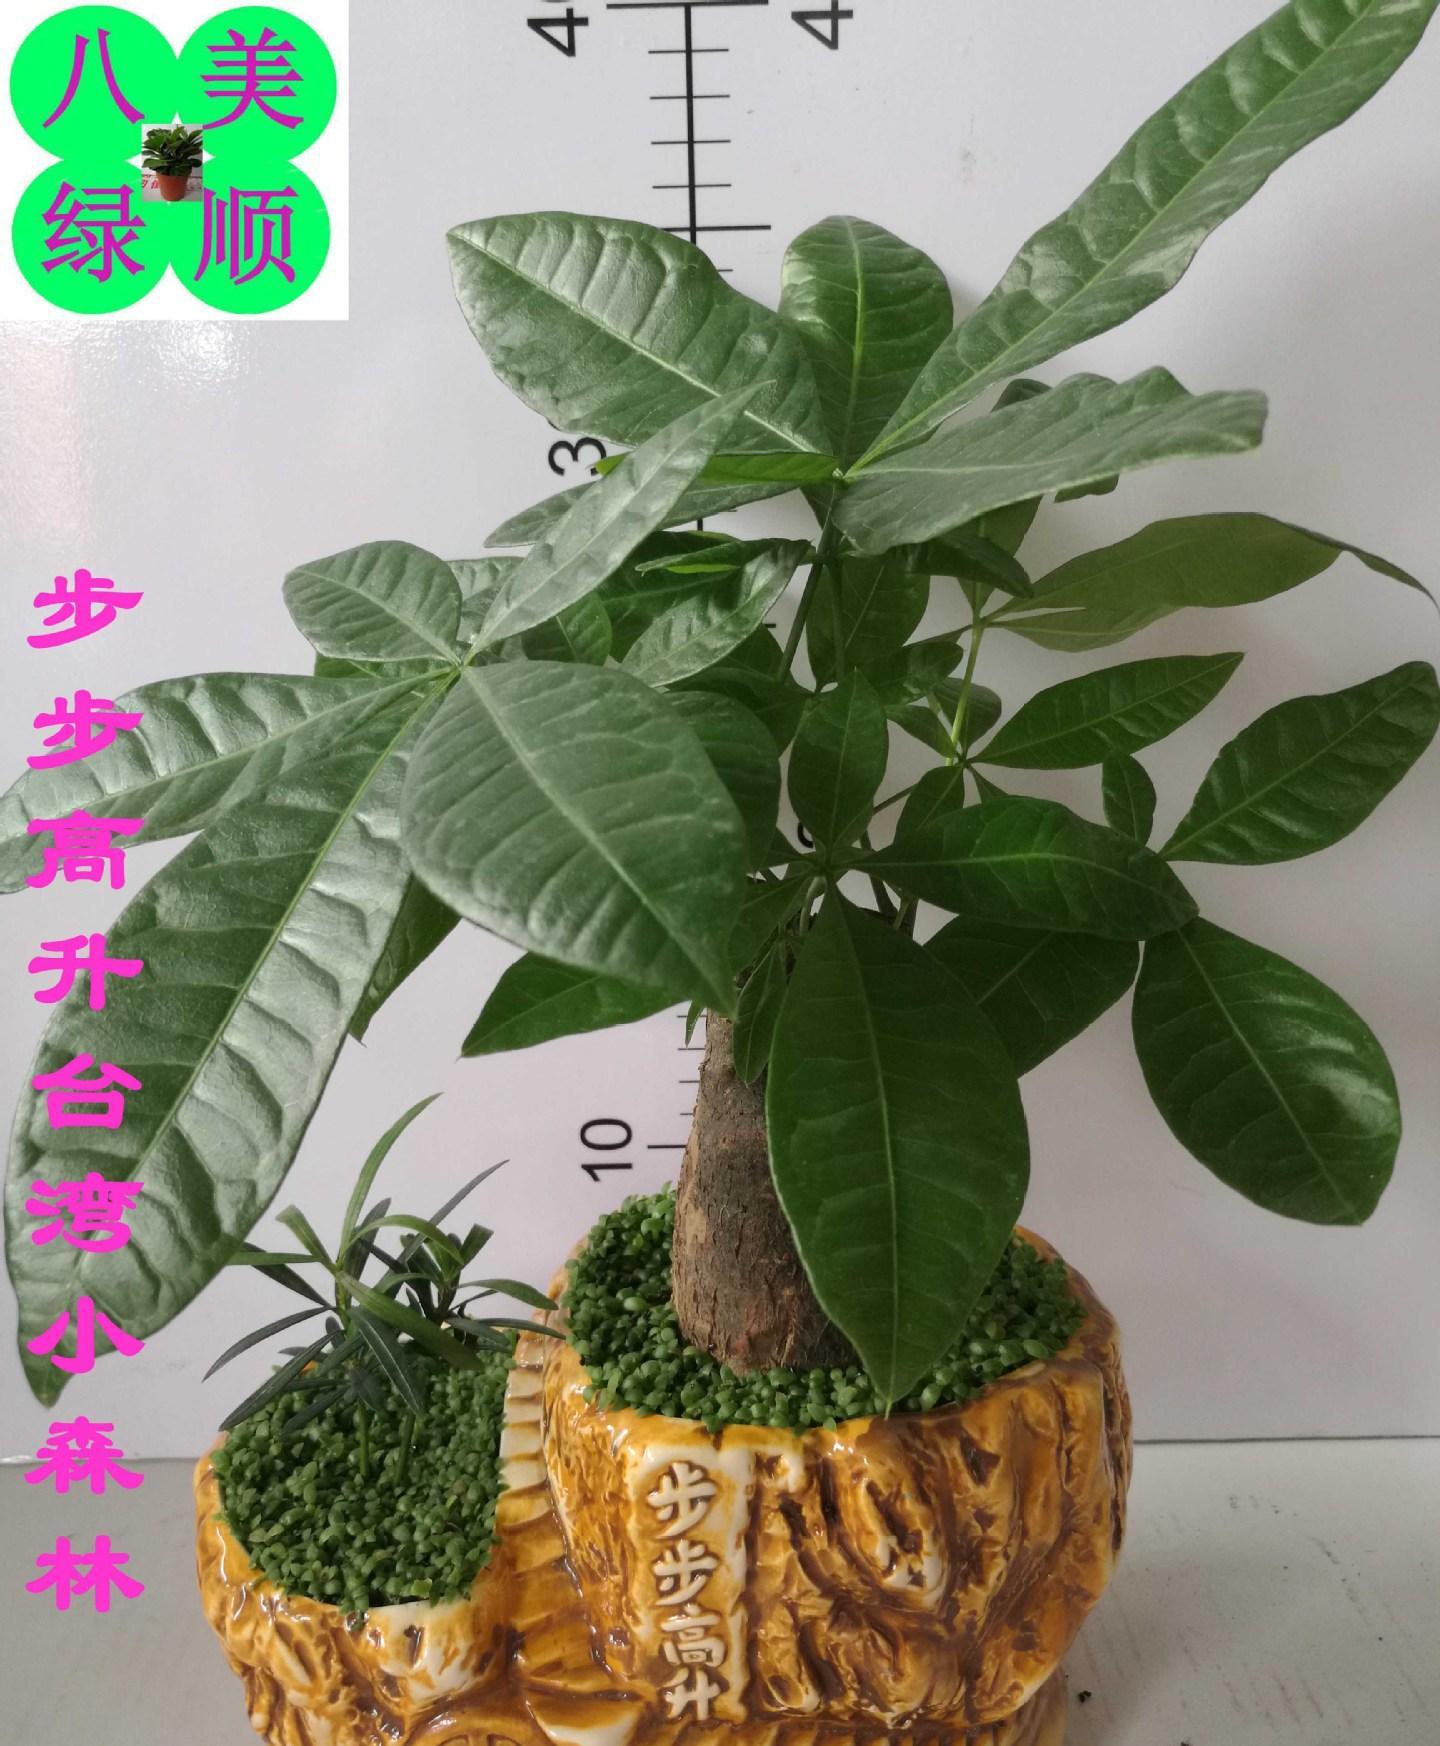 广州批发台湾小森林步步高升瓷盆罗汉松办公室观叶精品盆栽